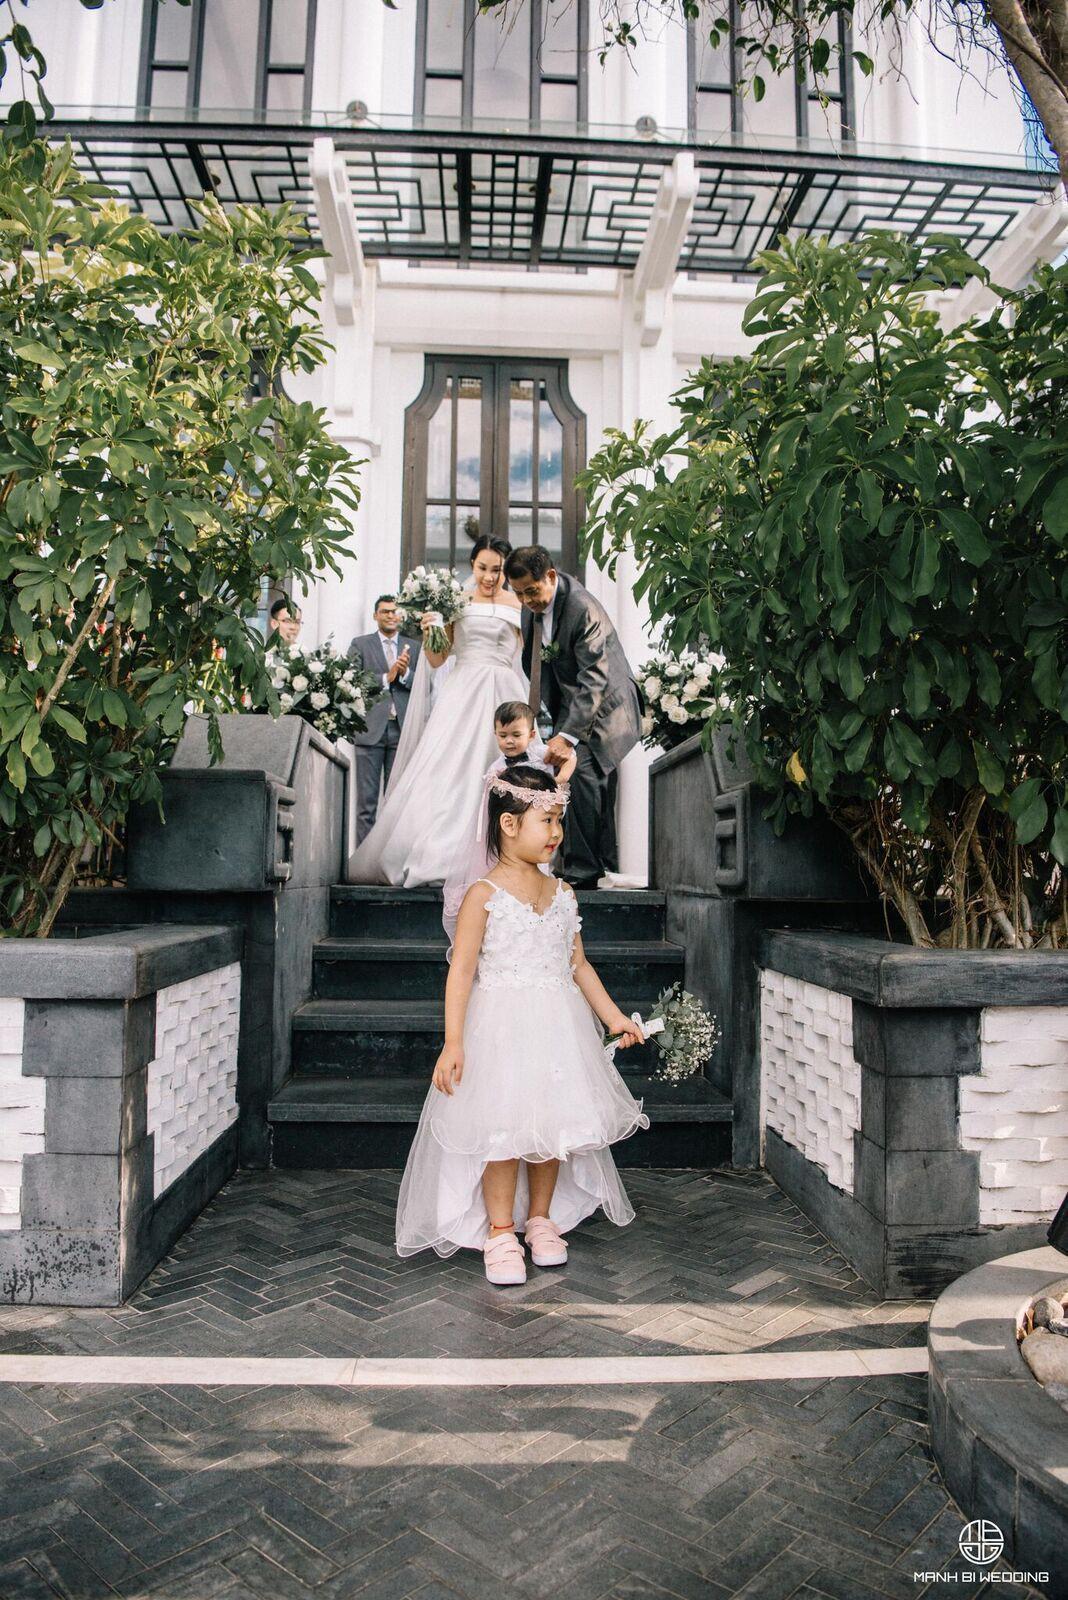 Nhà văn Gào chia sẻ nhiều thông tin thú vị về đám cưới như mơ ngay sau tiệc cưới hoành tráng trên bờ biển - Ảnh 12.